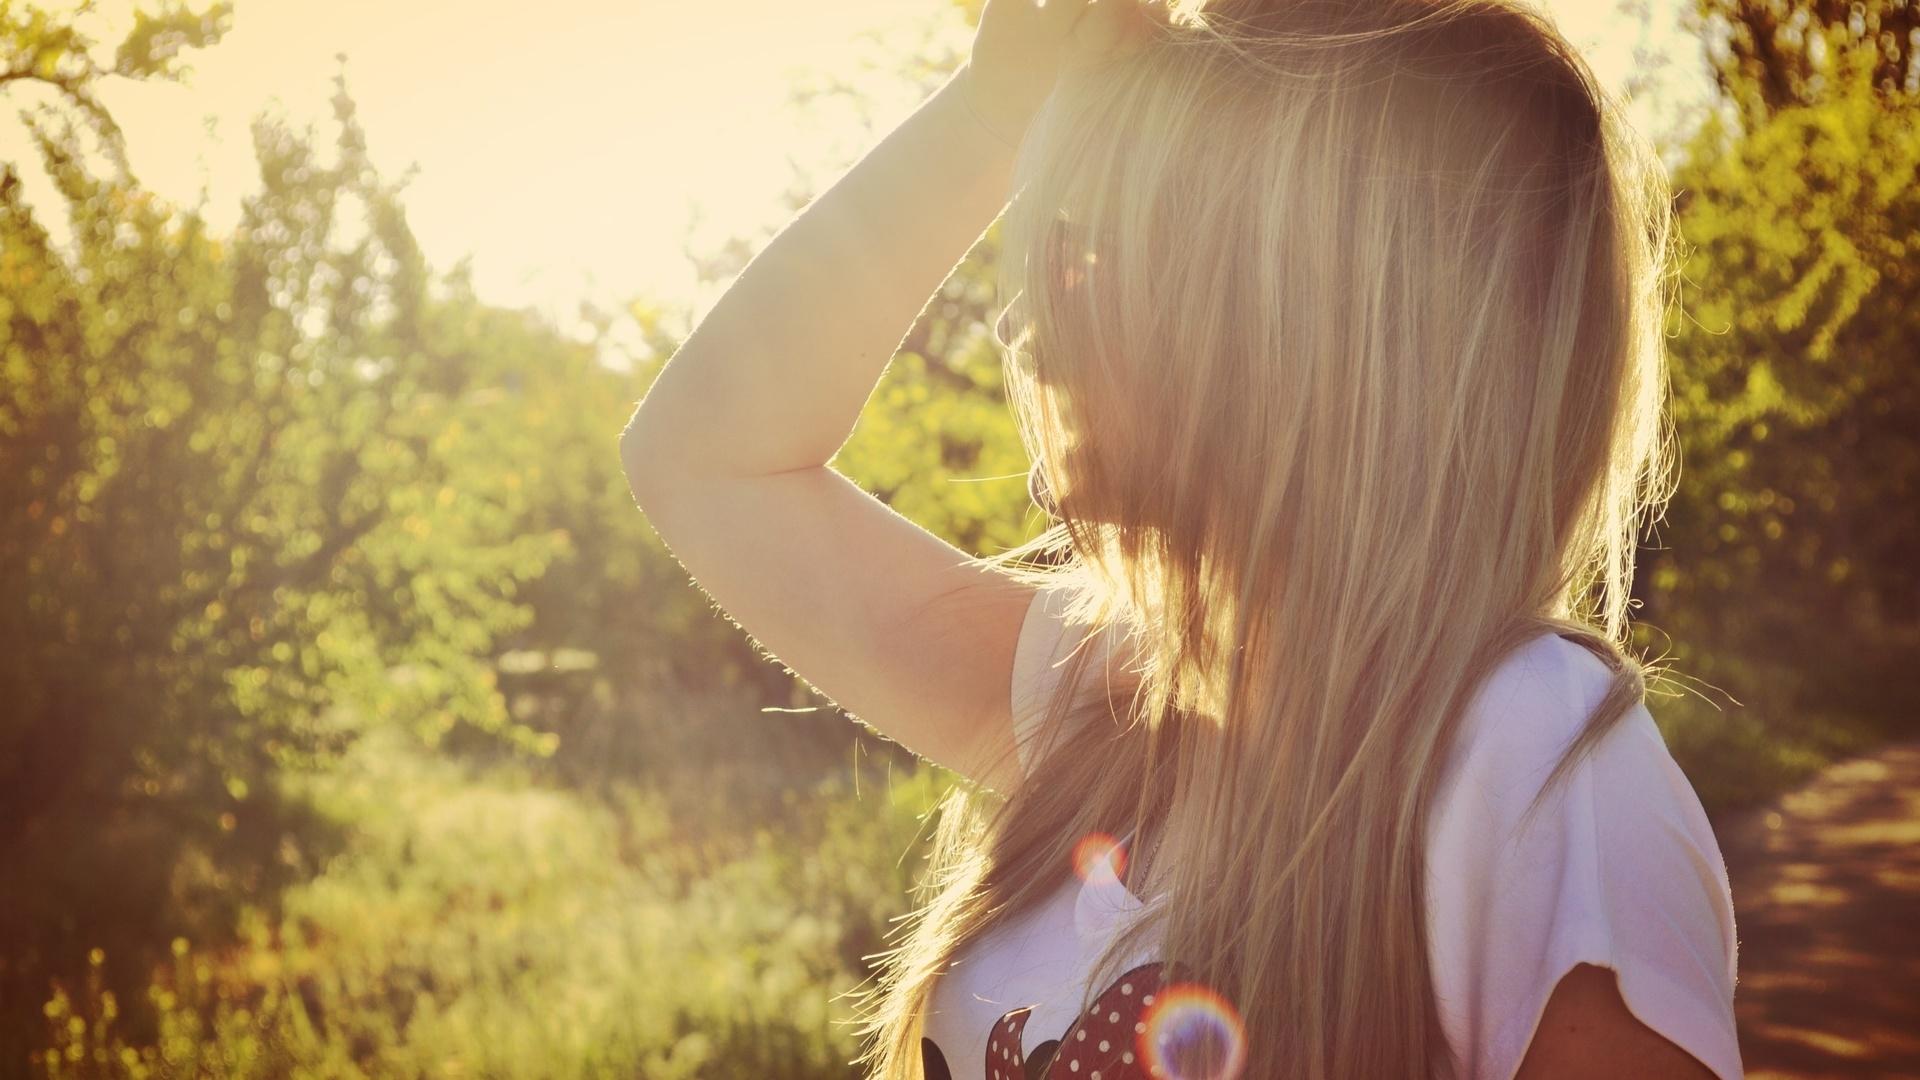 Картинка на аватарку для девушек со спины